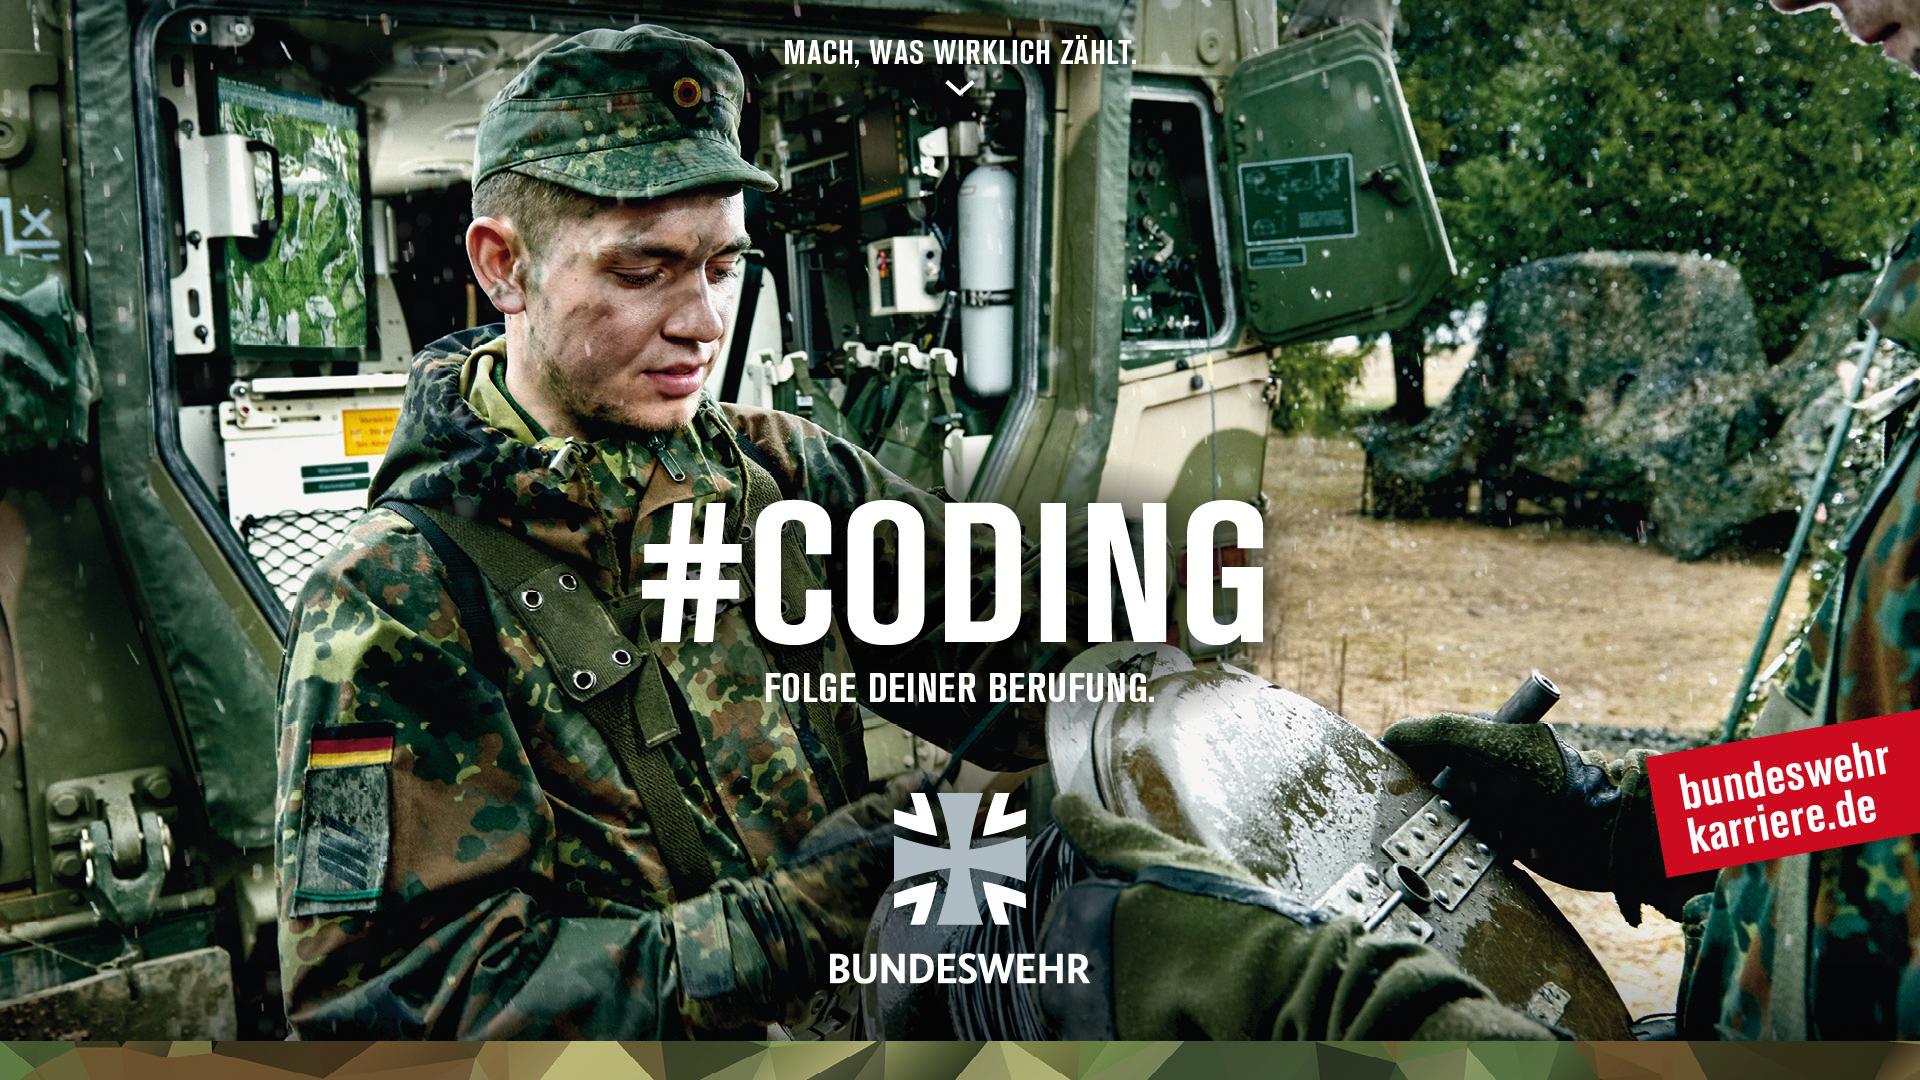 BW_Berufekampagne_16_9_15.jpg – Karriereberatungsbüro der Bundeswehr Aurich